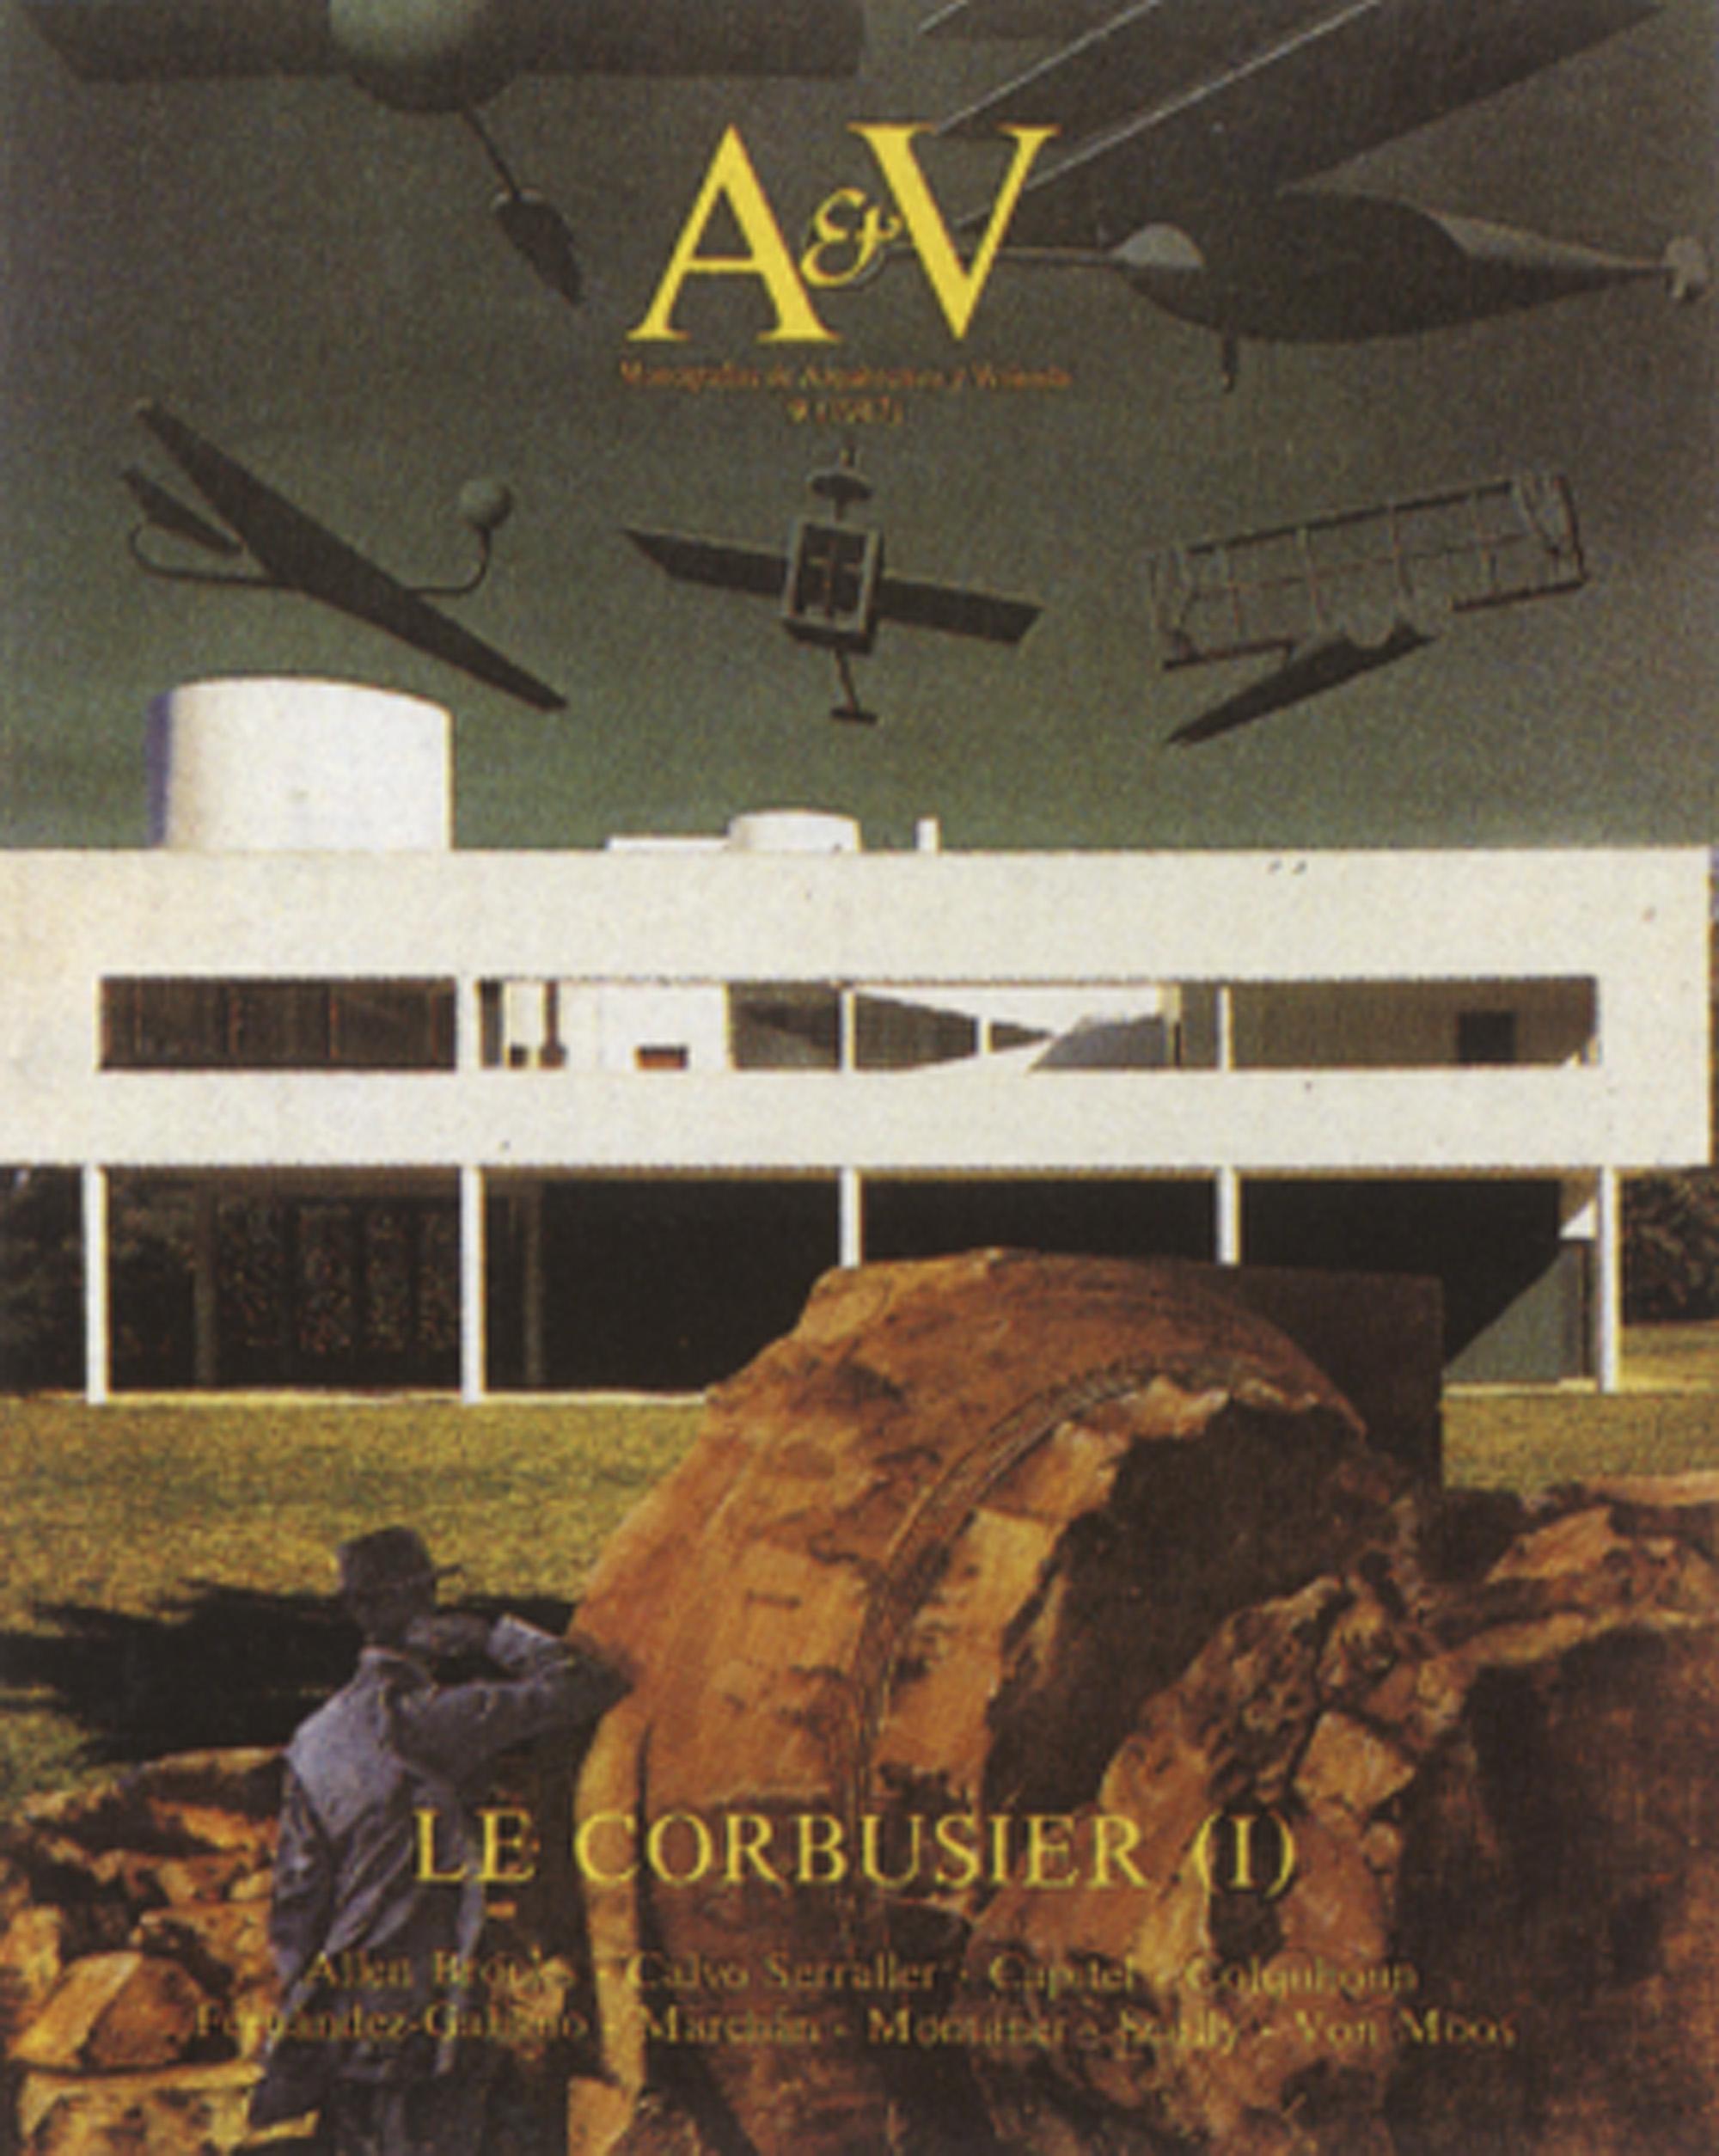 Le Corbusier I